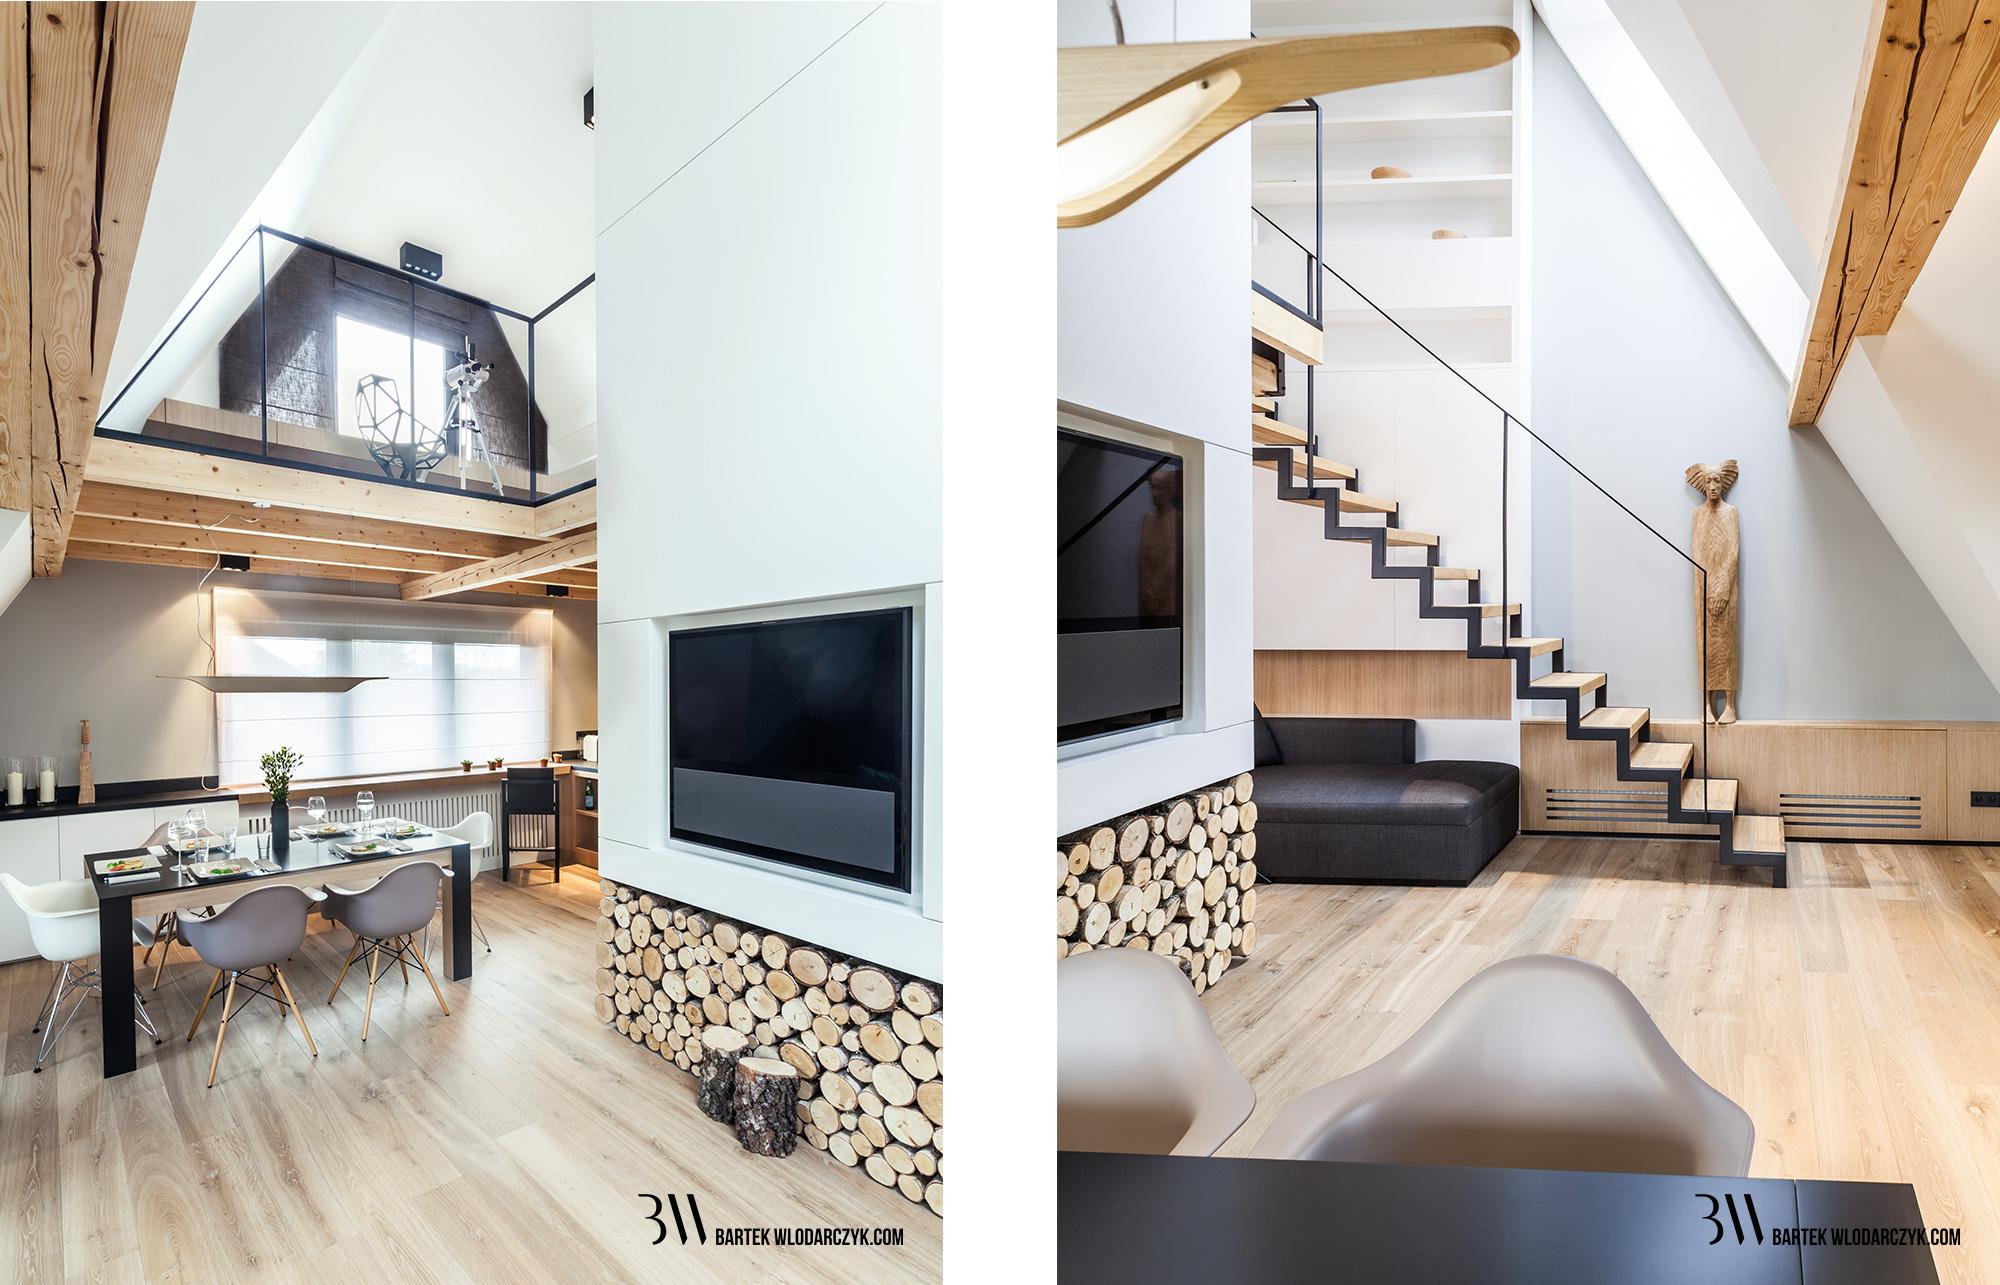 bartek wlodarczyk tatra lodge3 Tatra Lodge Apartment by Bartek Wlodarczyk